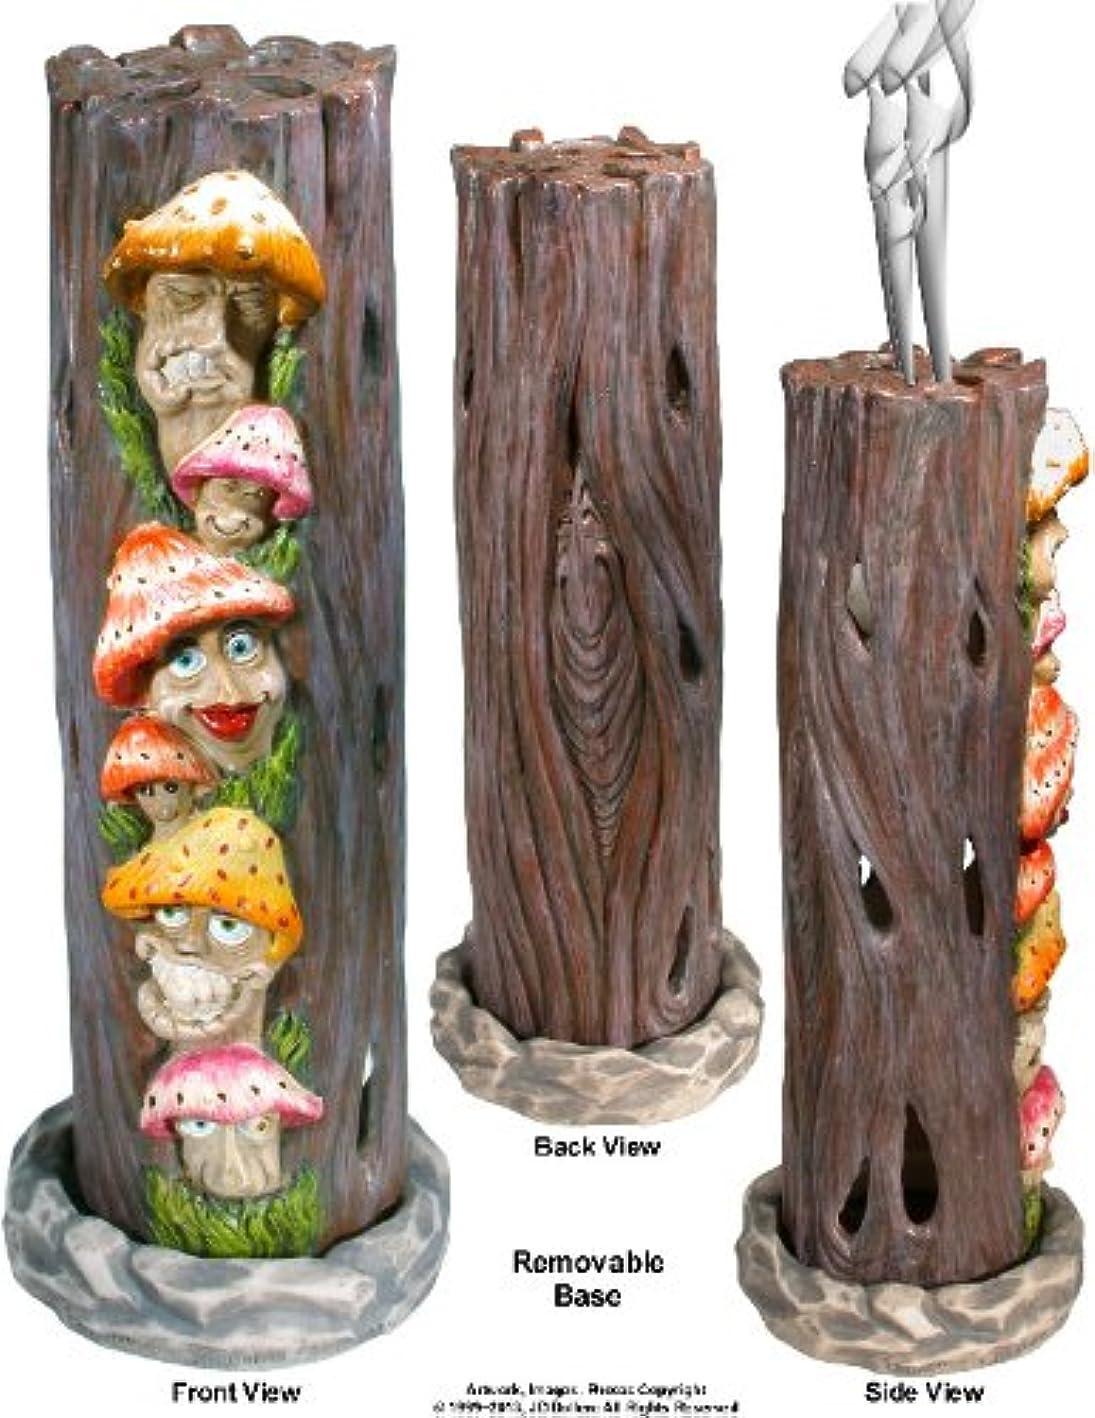 くしゃみ寝る圧力Mushrooms Family inアリスWonderland SmokingタワーIncense burner-ashcatcher by Nose Dessertsブランド